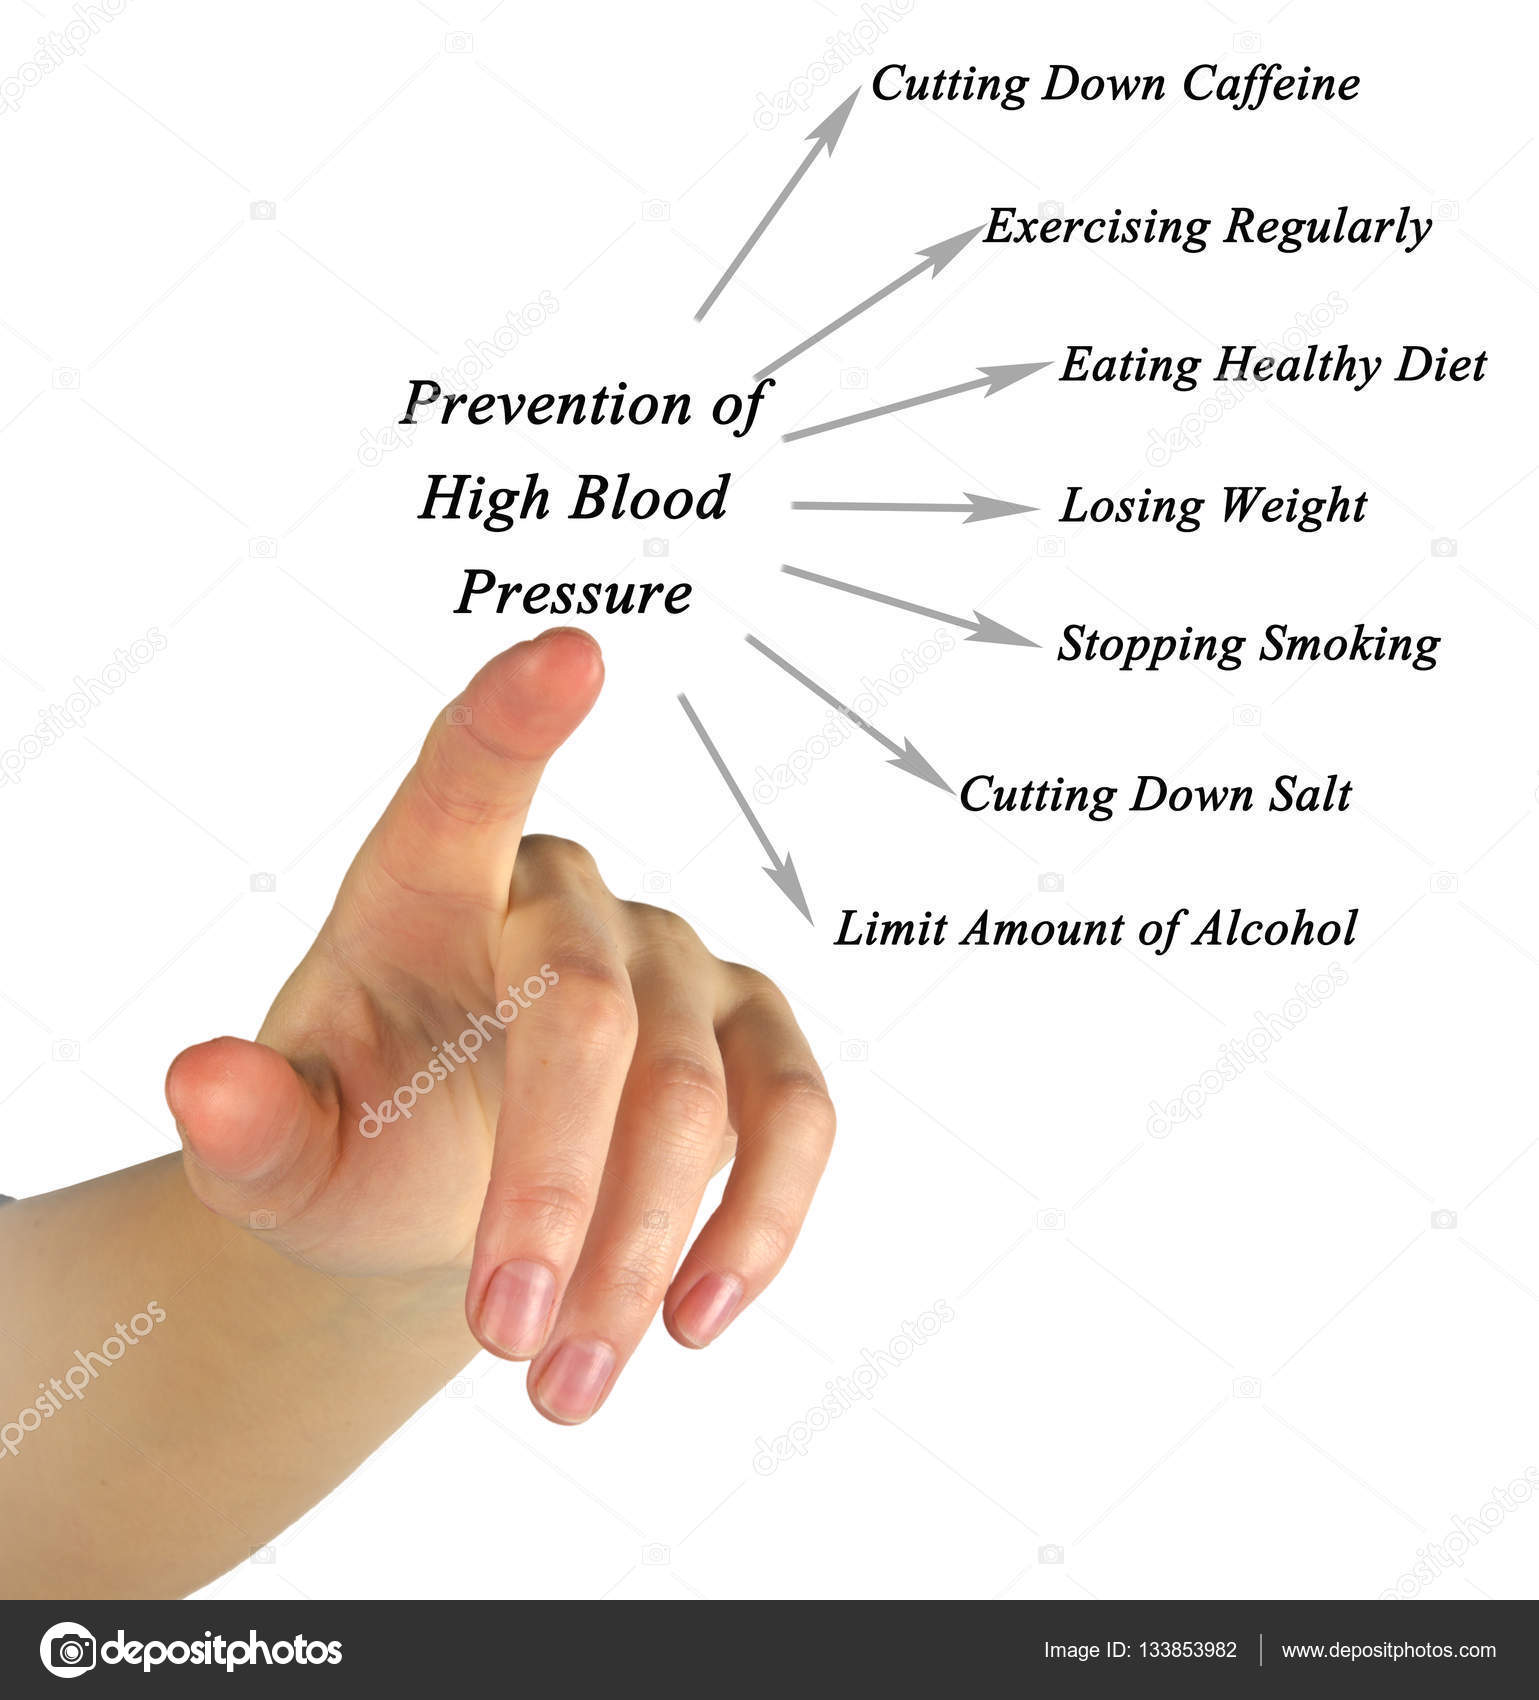 förebygga högt blodtryck